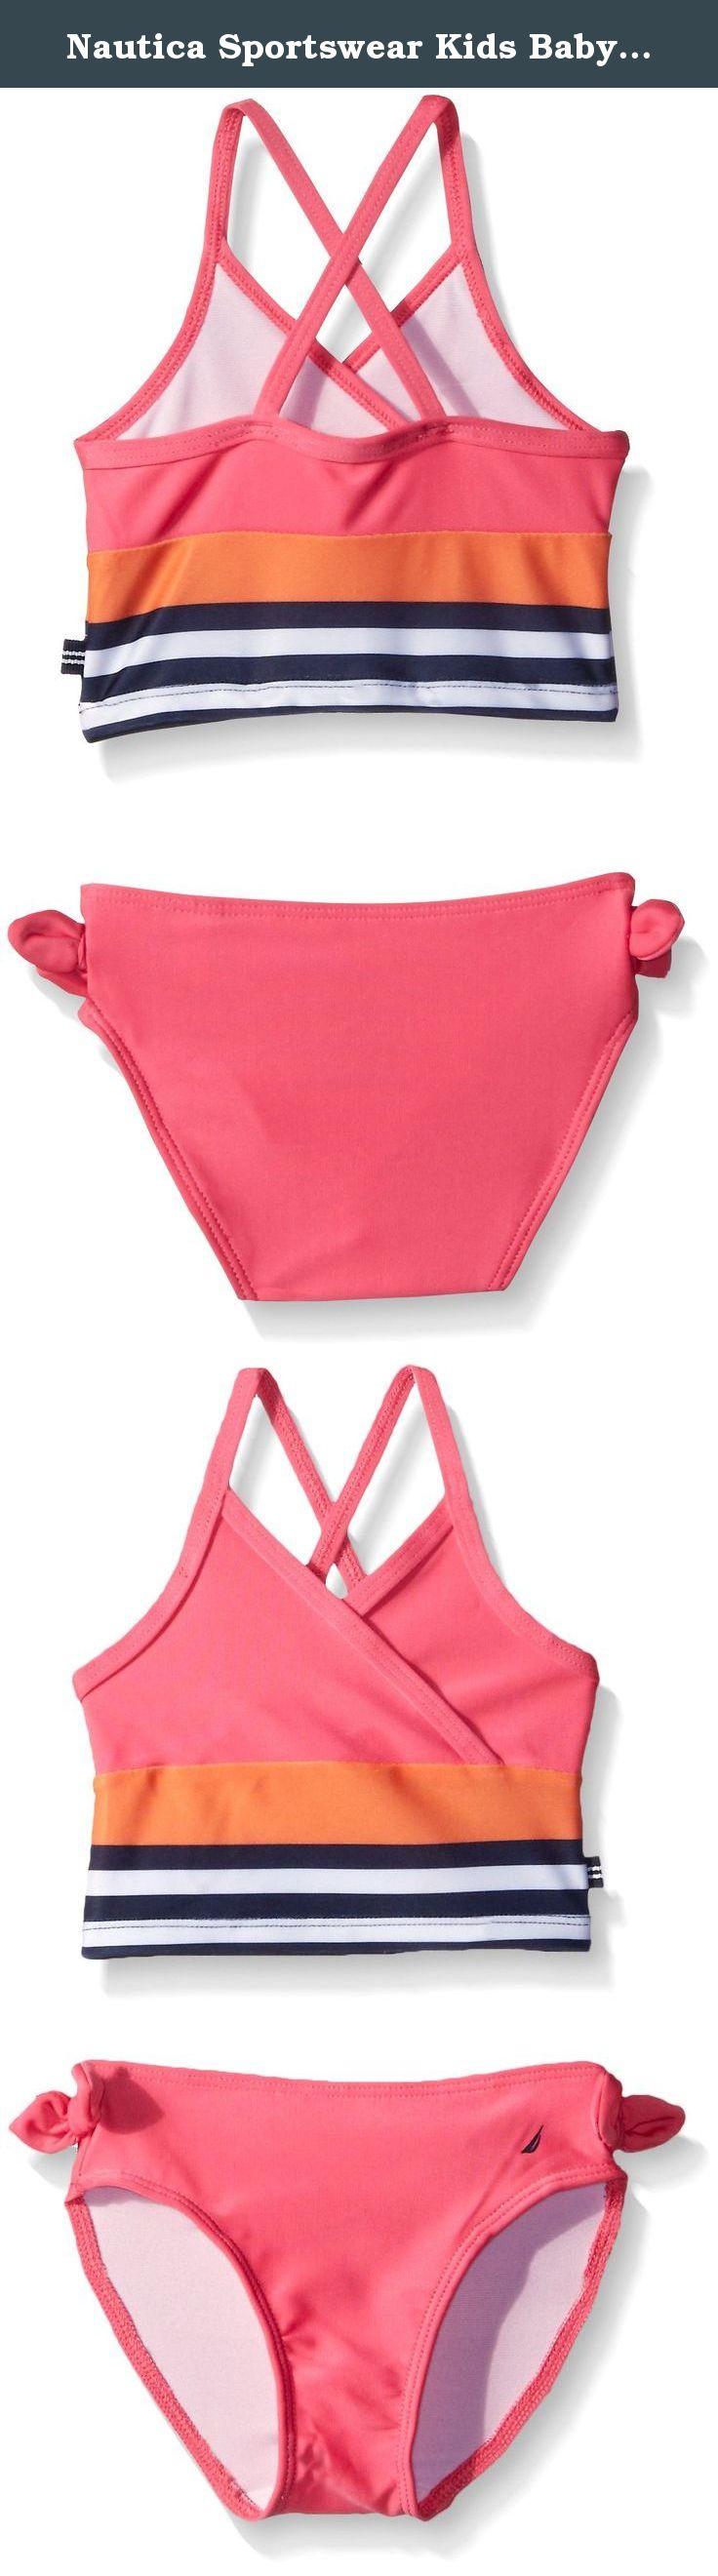 101a20130dd Nautica Sportswear Kids Baby Stripe Tankini, Fuchsia, 18 Months. Nautica  girl stripe cross straps two piece tankini swim set.